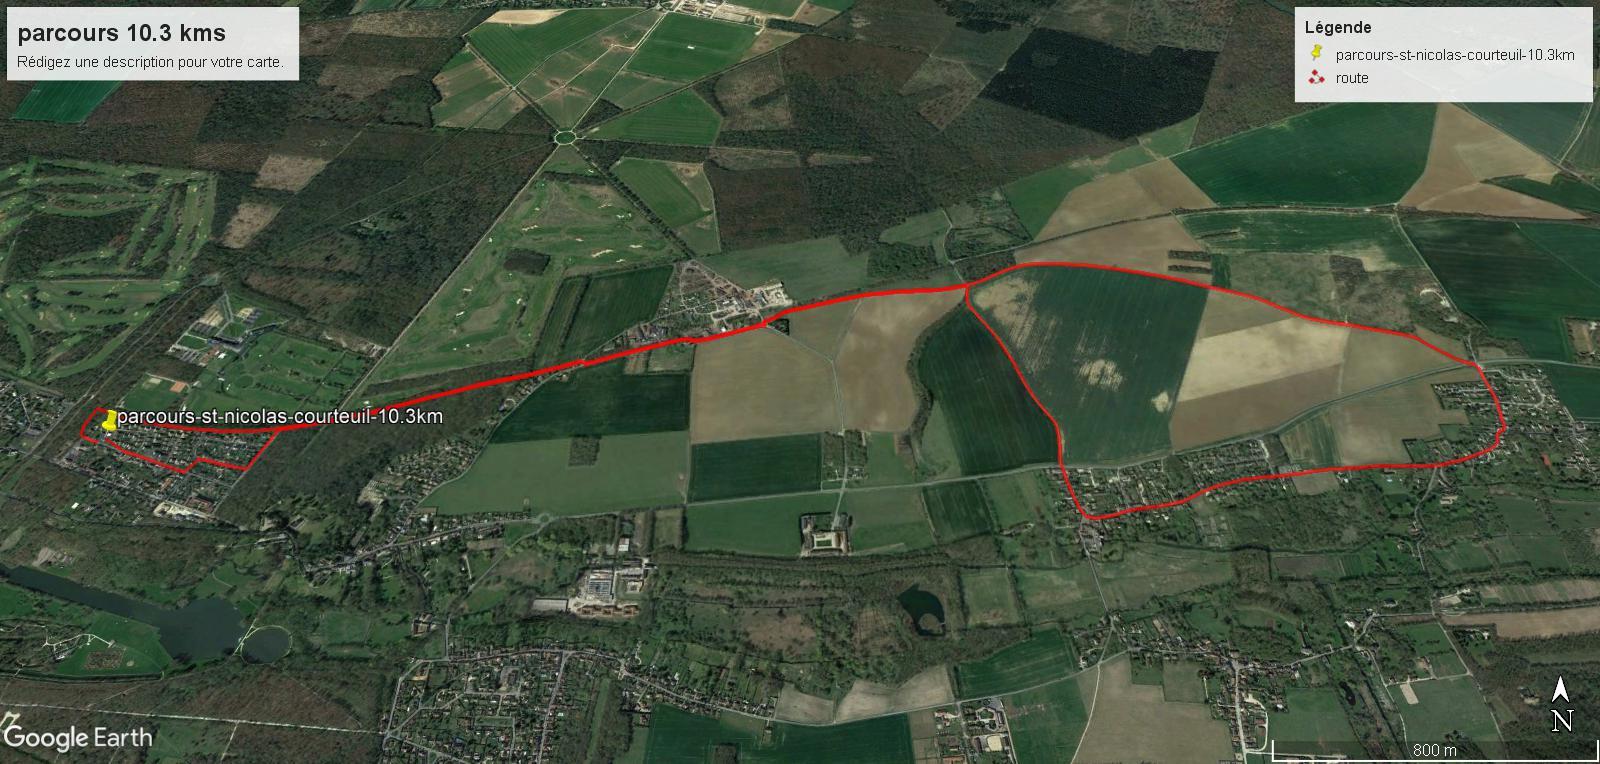 parcours-10.3km